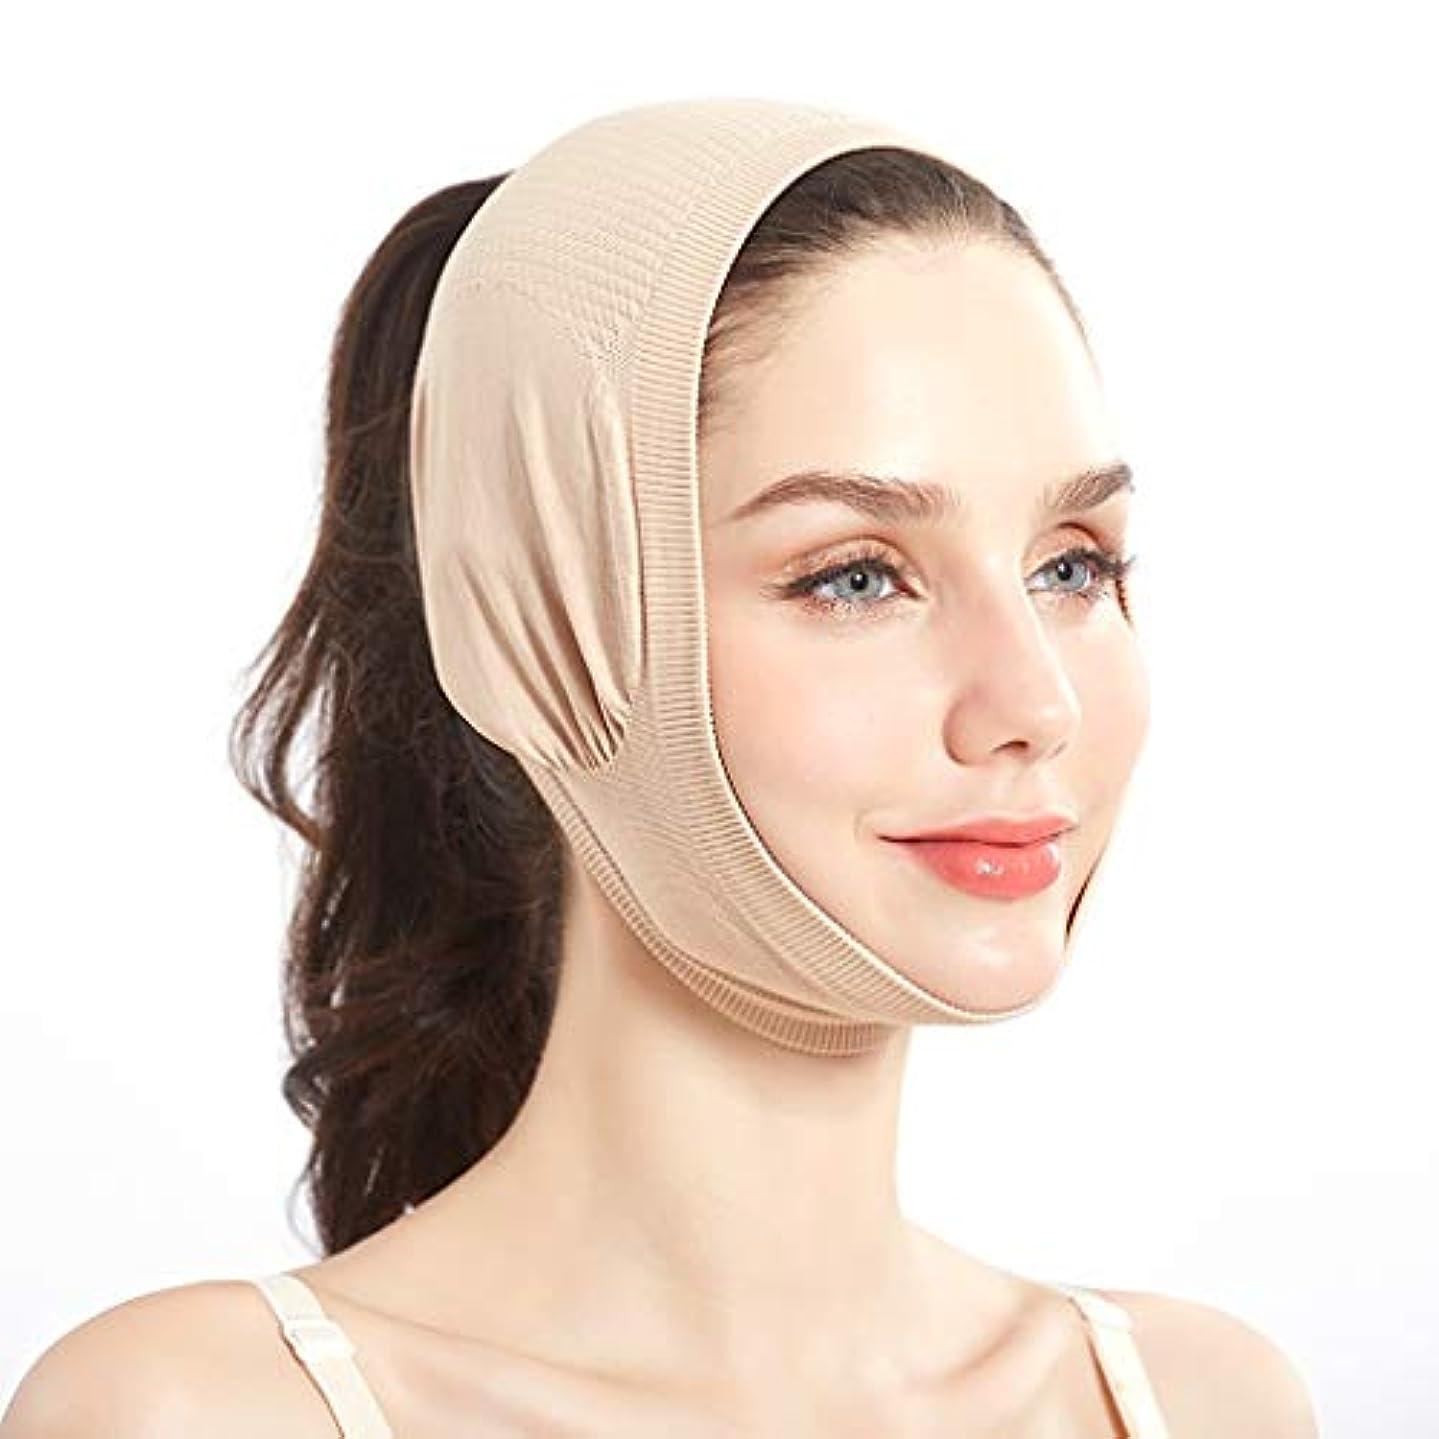 最初にコック海軍Jia He 軽量 薄い顔ベルト、Vフェイスアーティファクト薄い二重あごはアンチリンクル包帯超薄型通気性睡眠ビームフェイスベルトを持ち上げ ## (Color : Skin color)